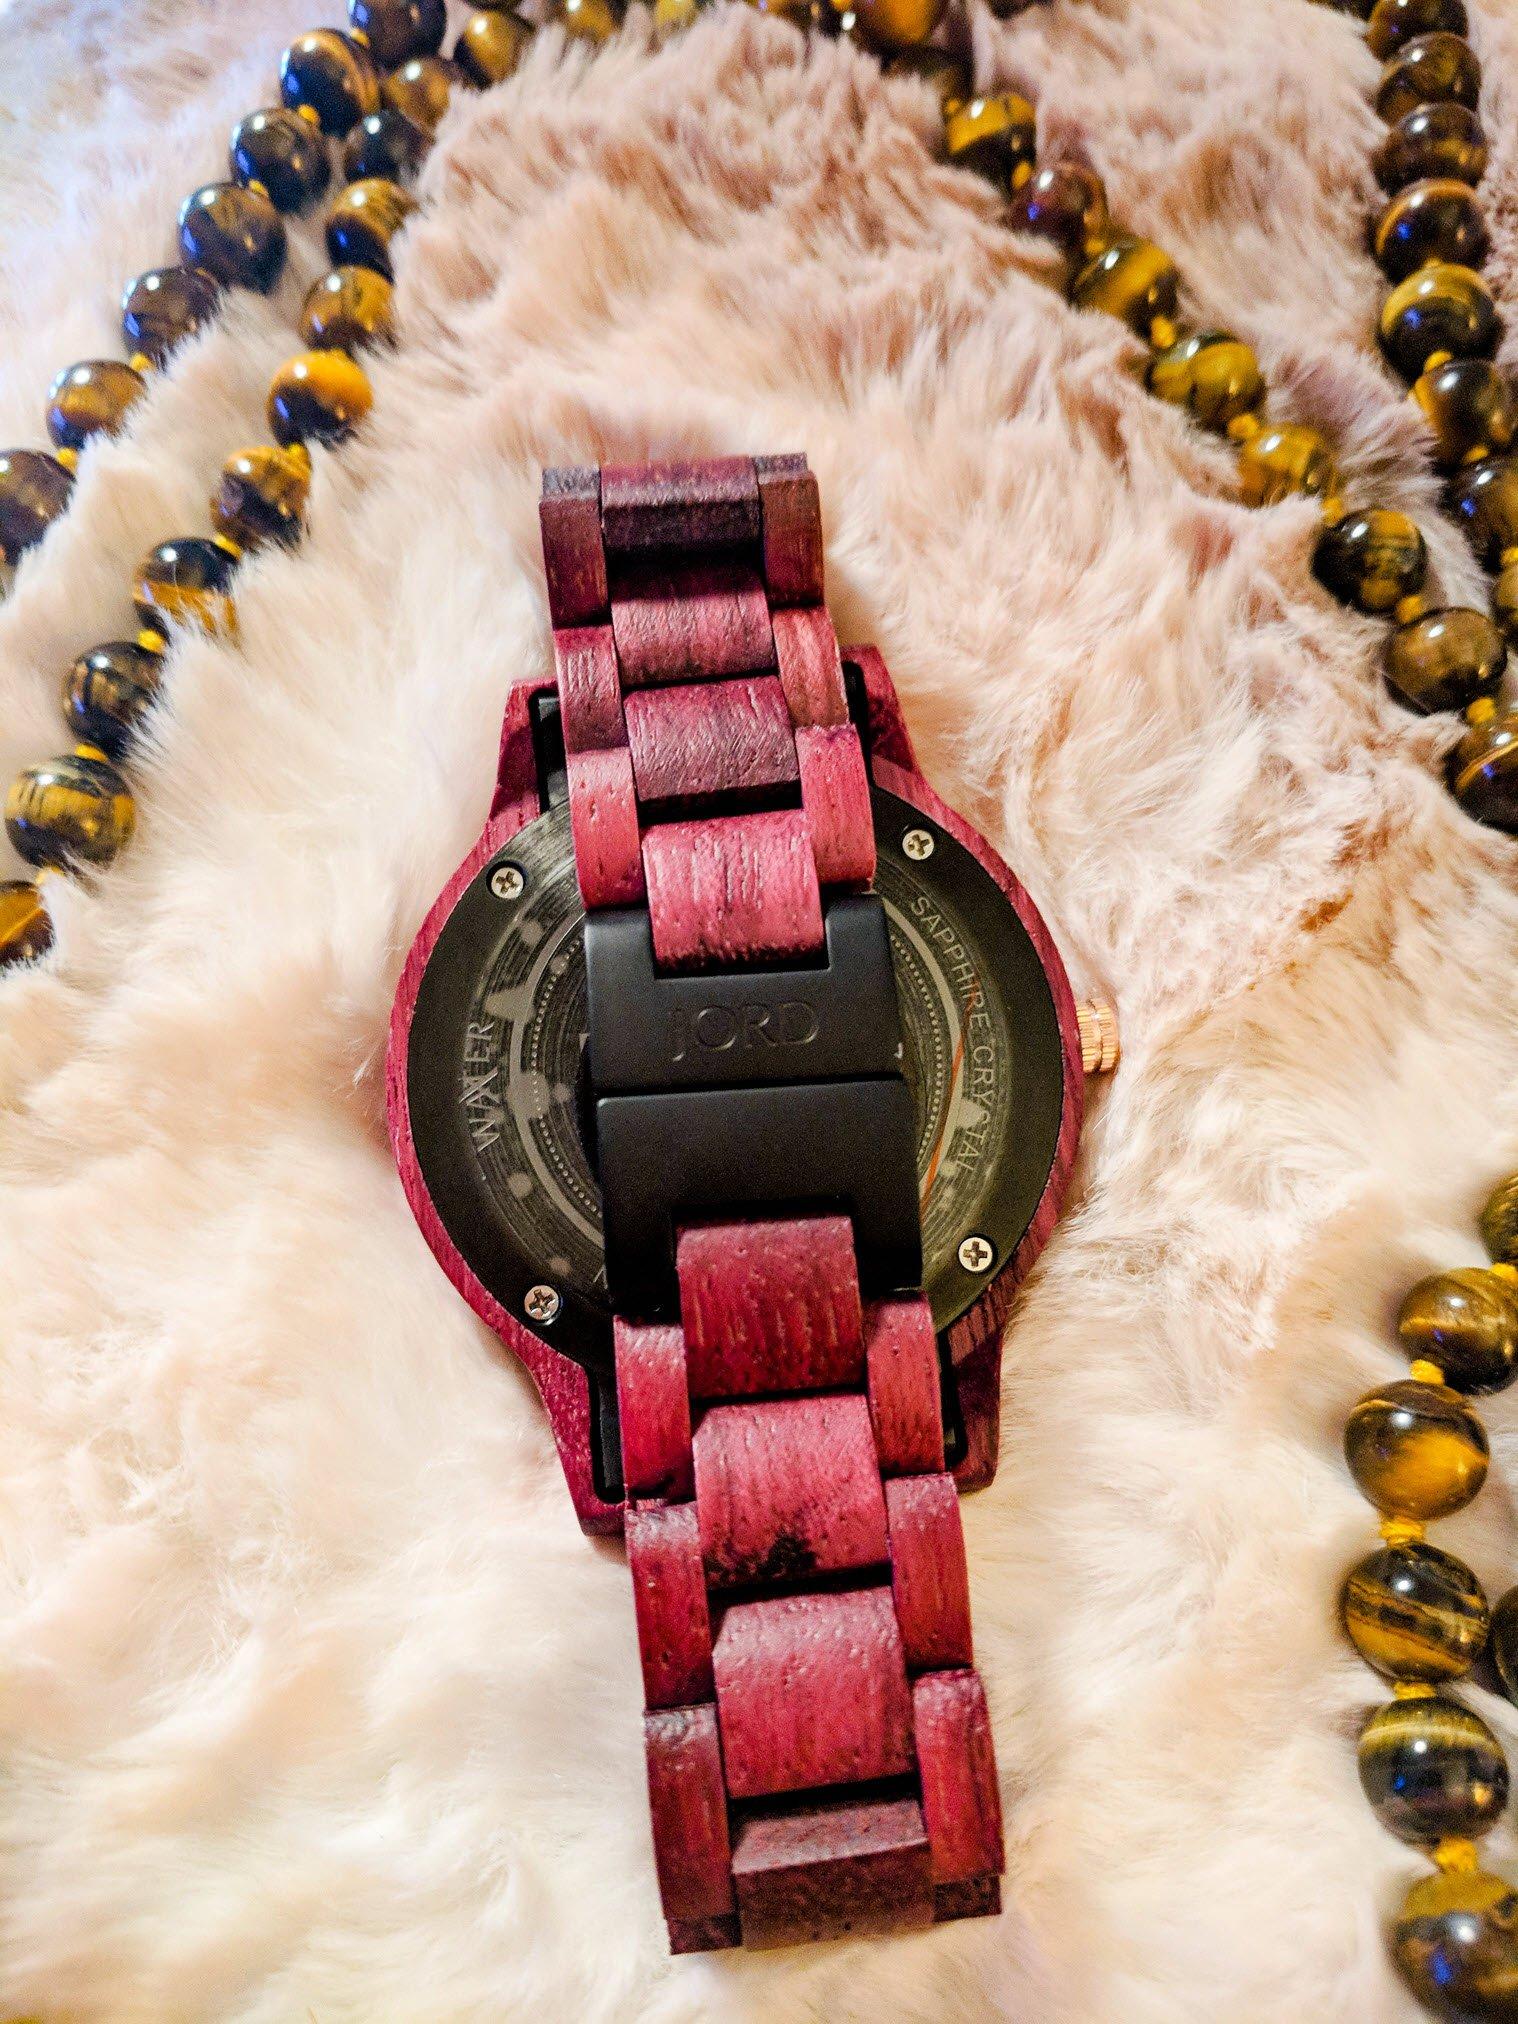 JORD Watches Fashionista